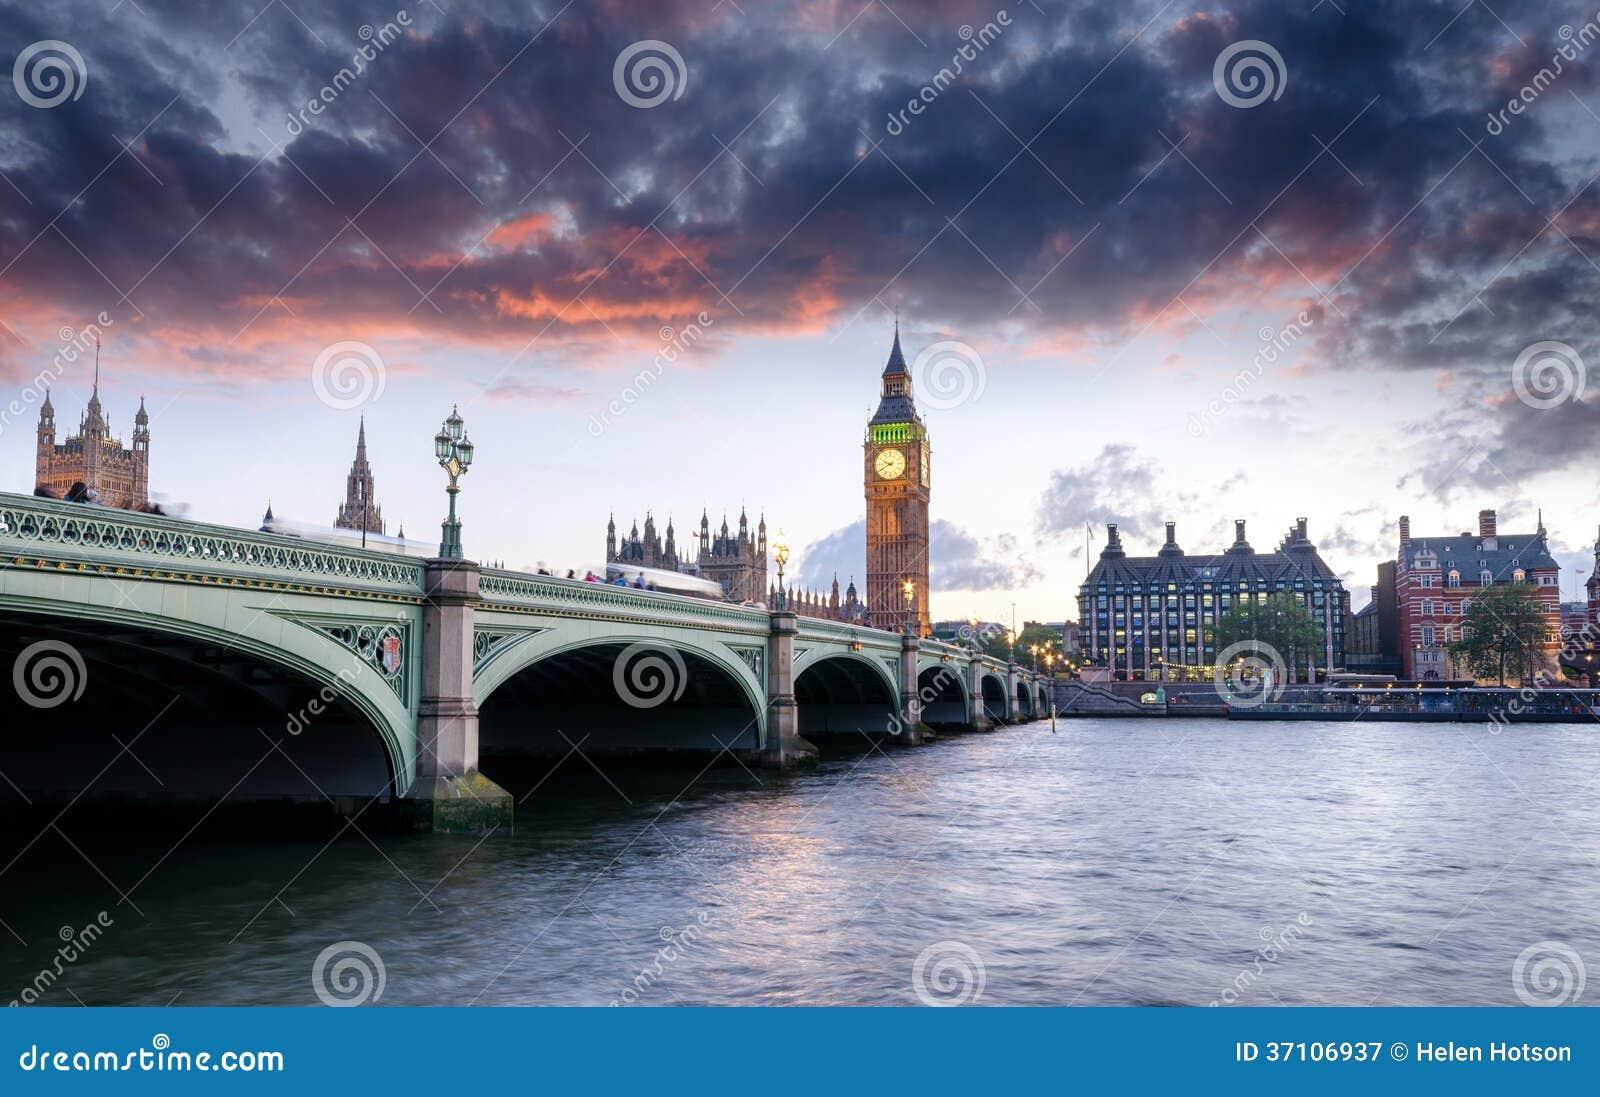 黄昏的伦敦